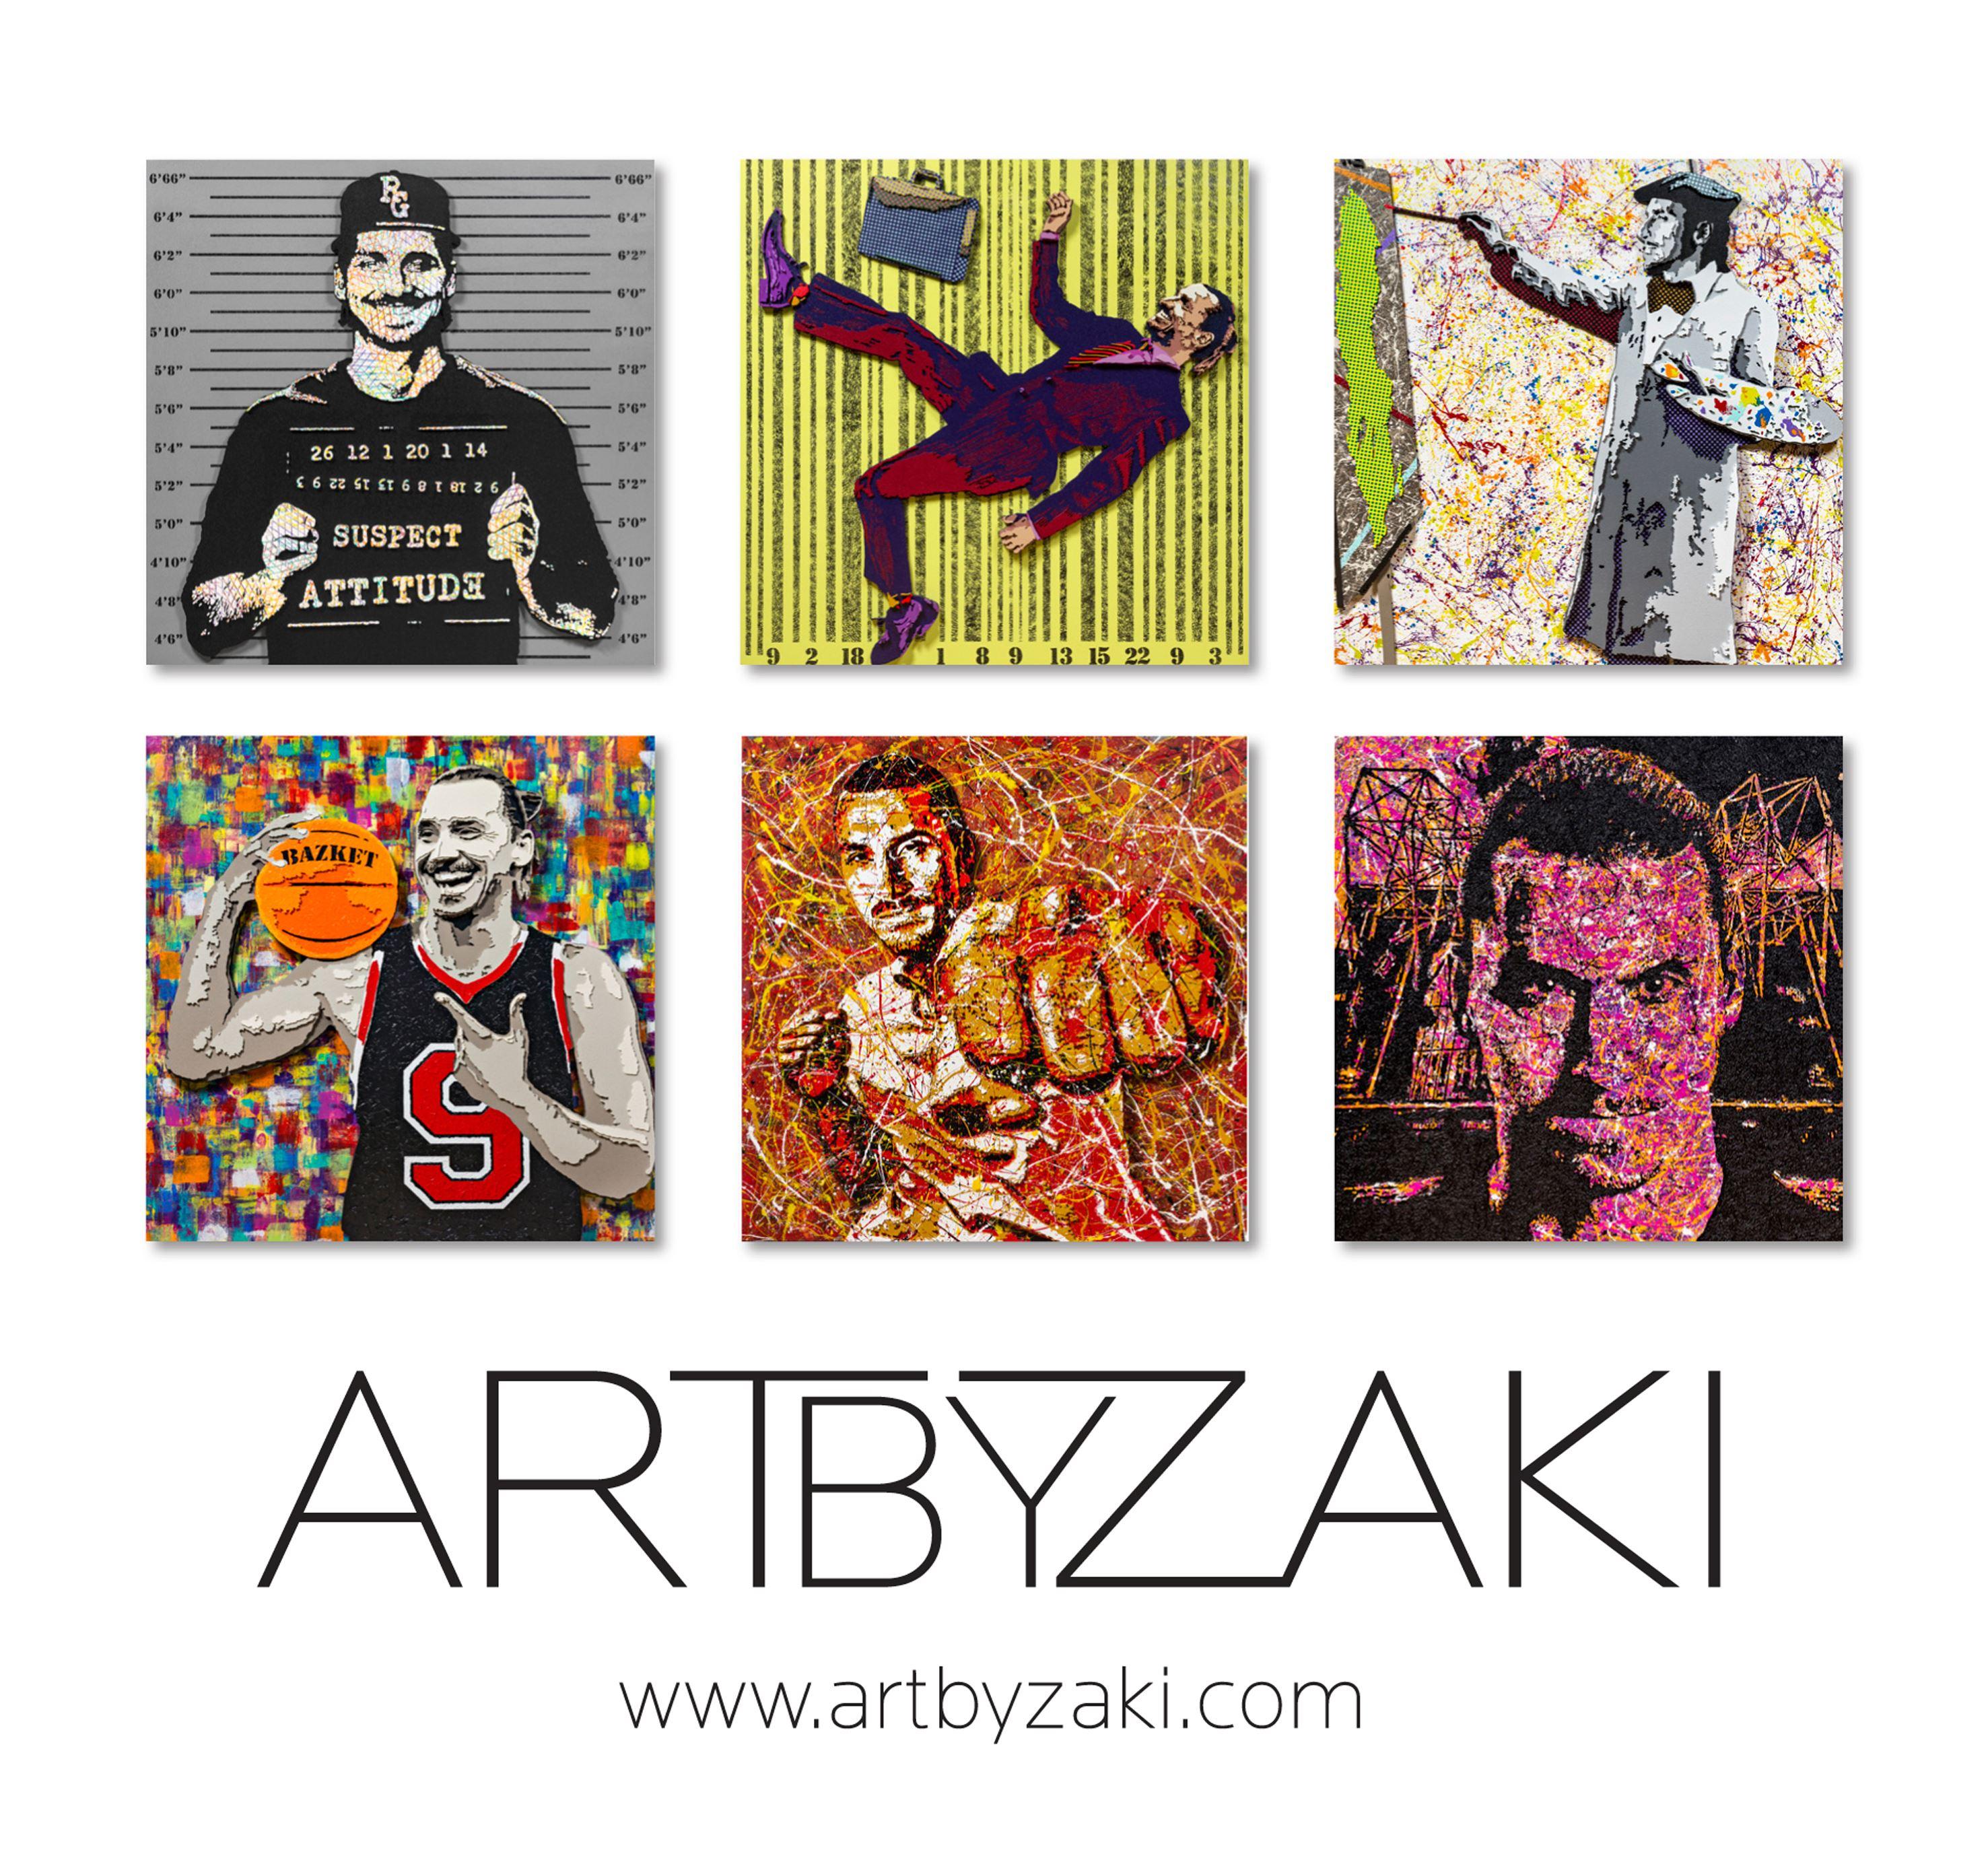 ArtByZaki